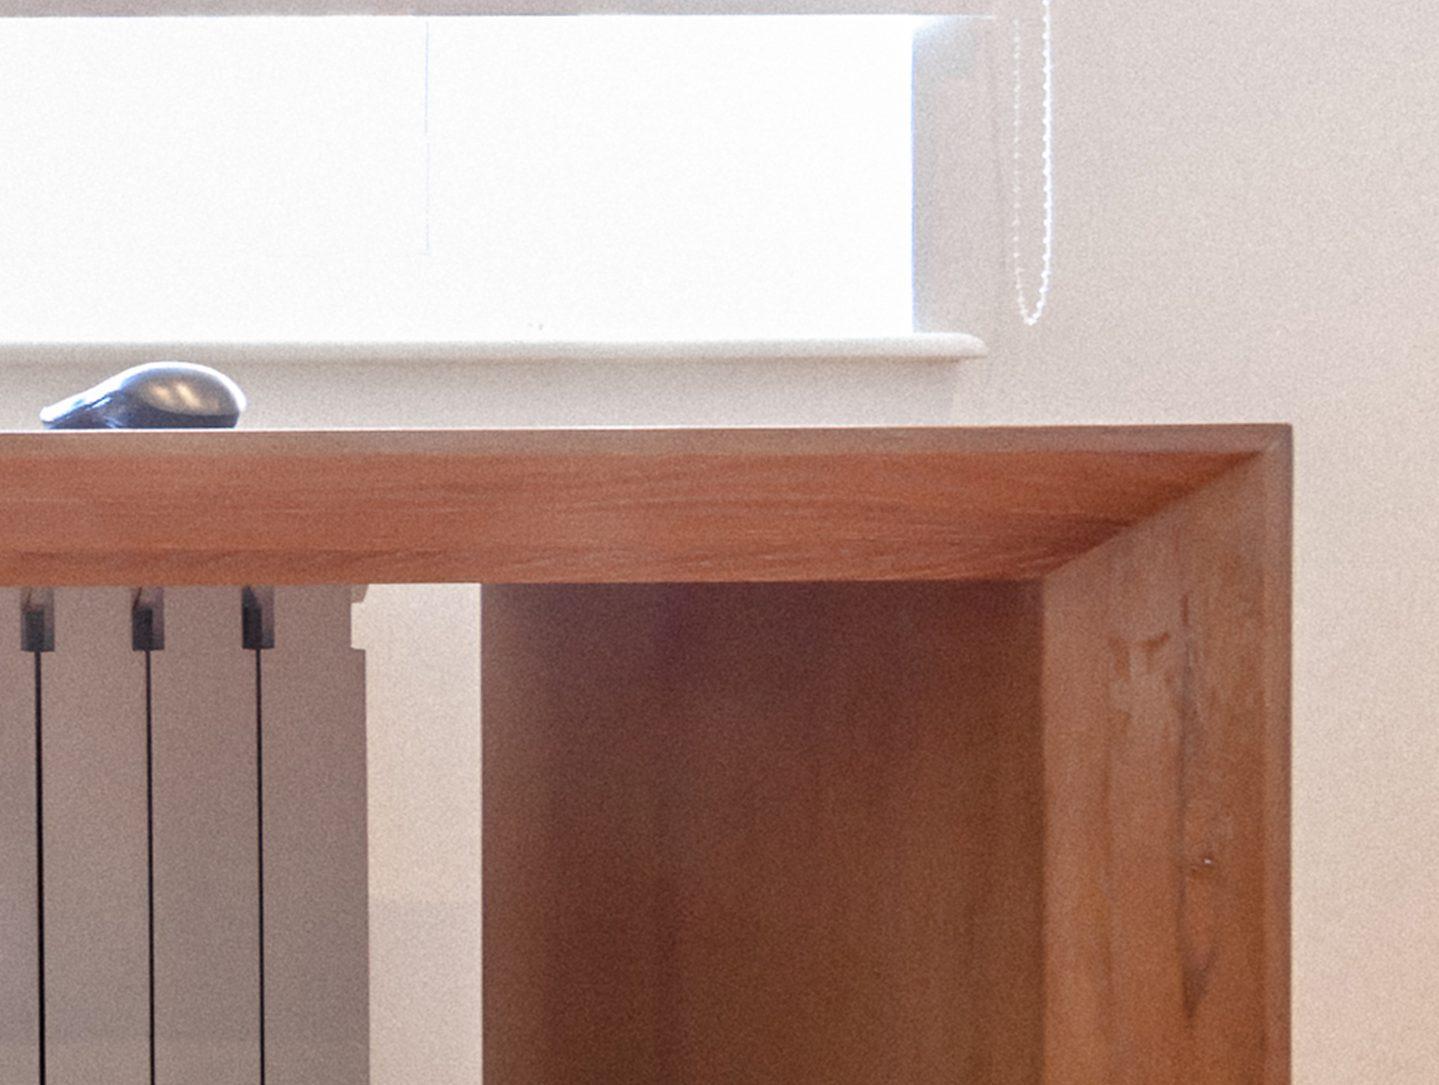 Стол, шкафы, комод